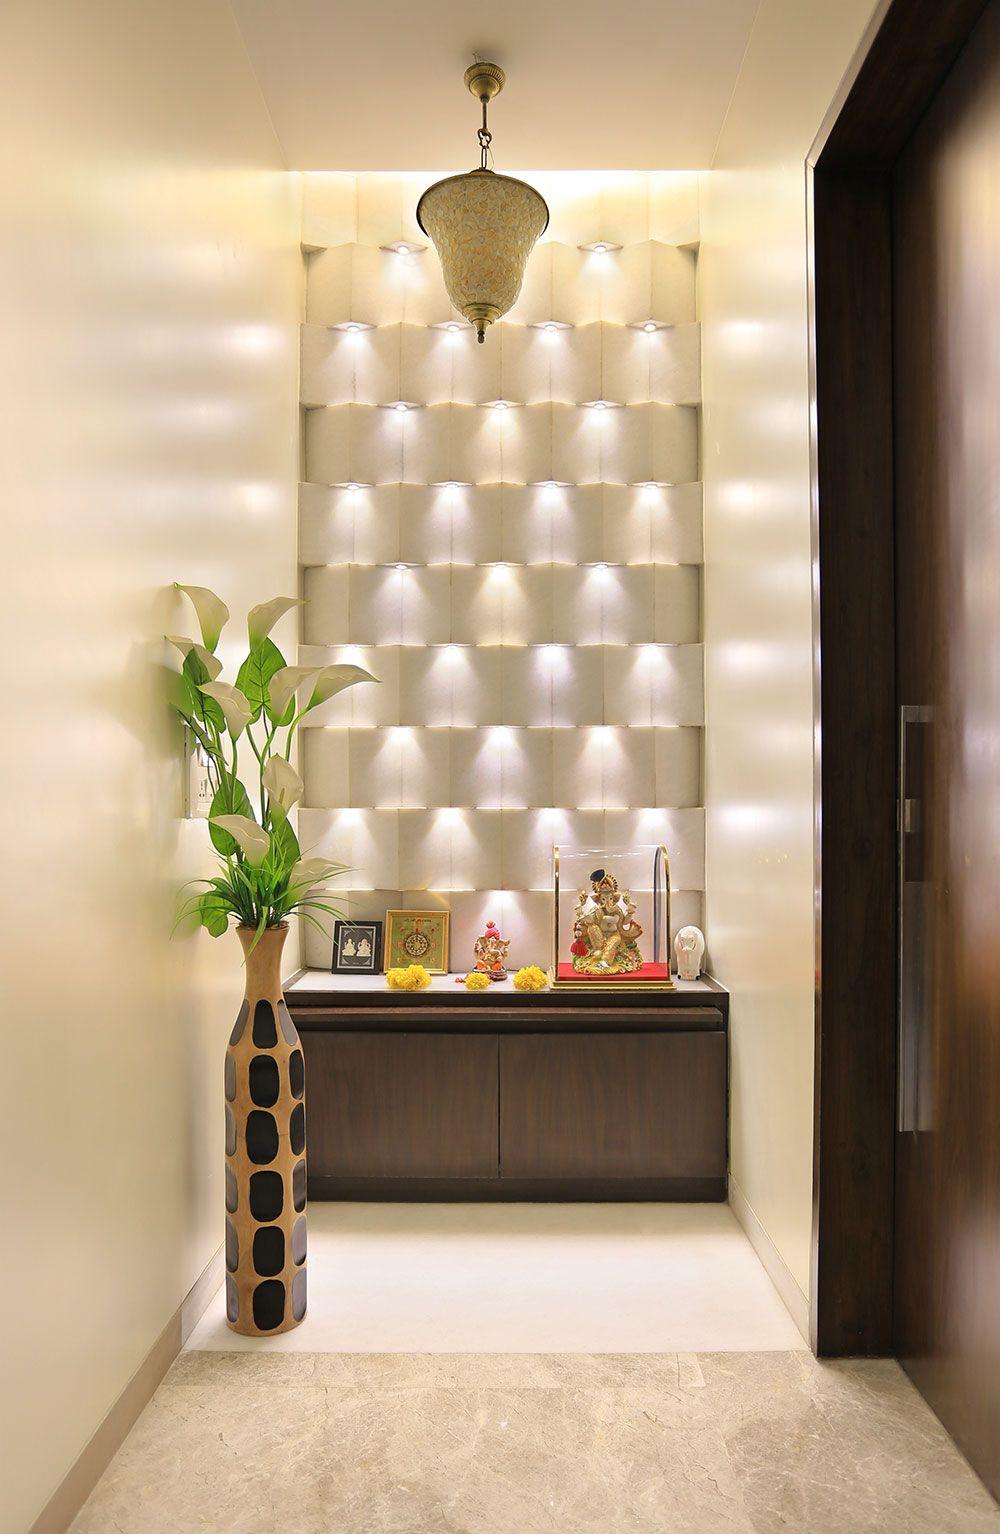 Pooja space in the corridor room door design temple mandir also best rooms images puja rh pinterest